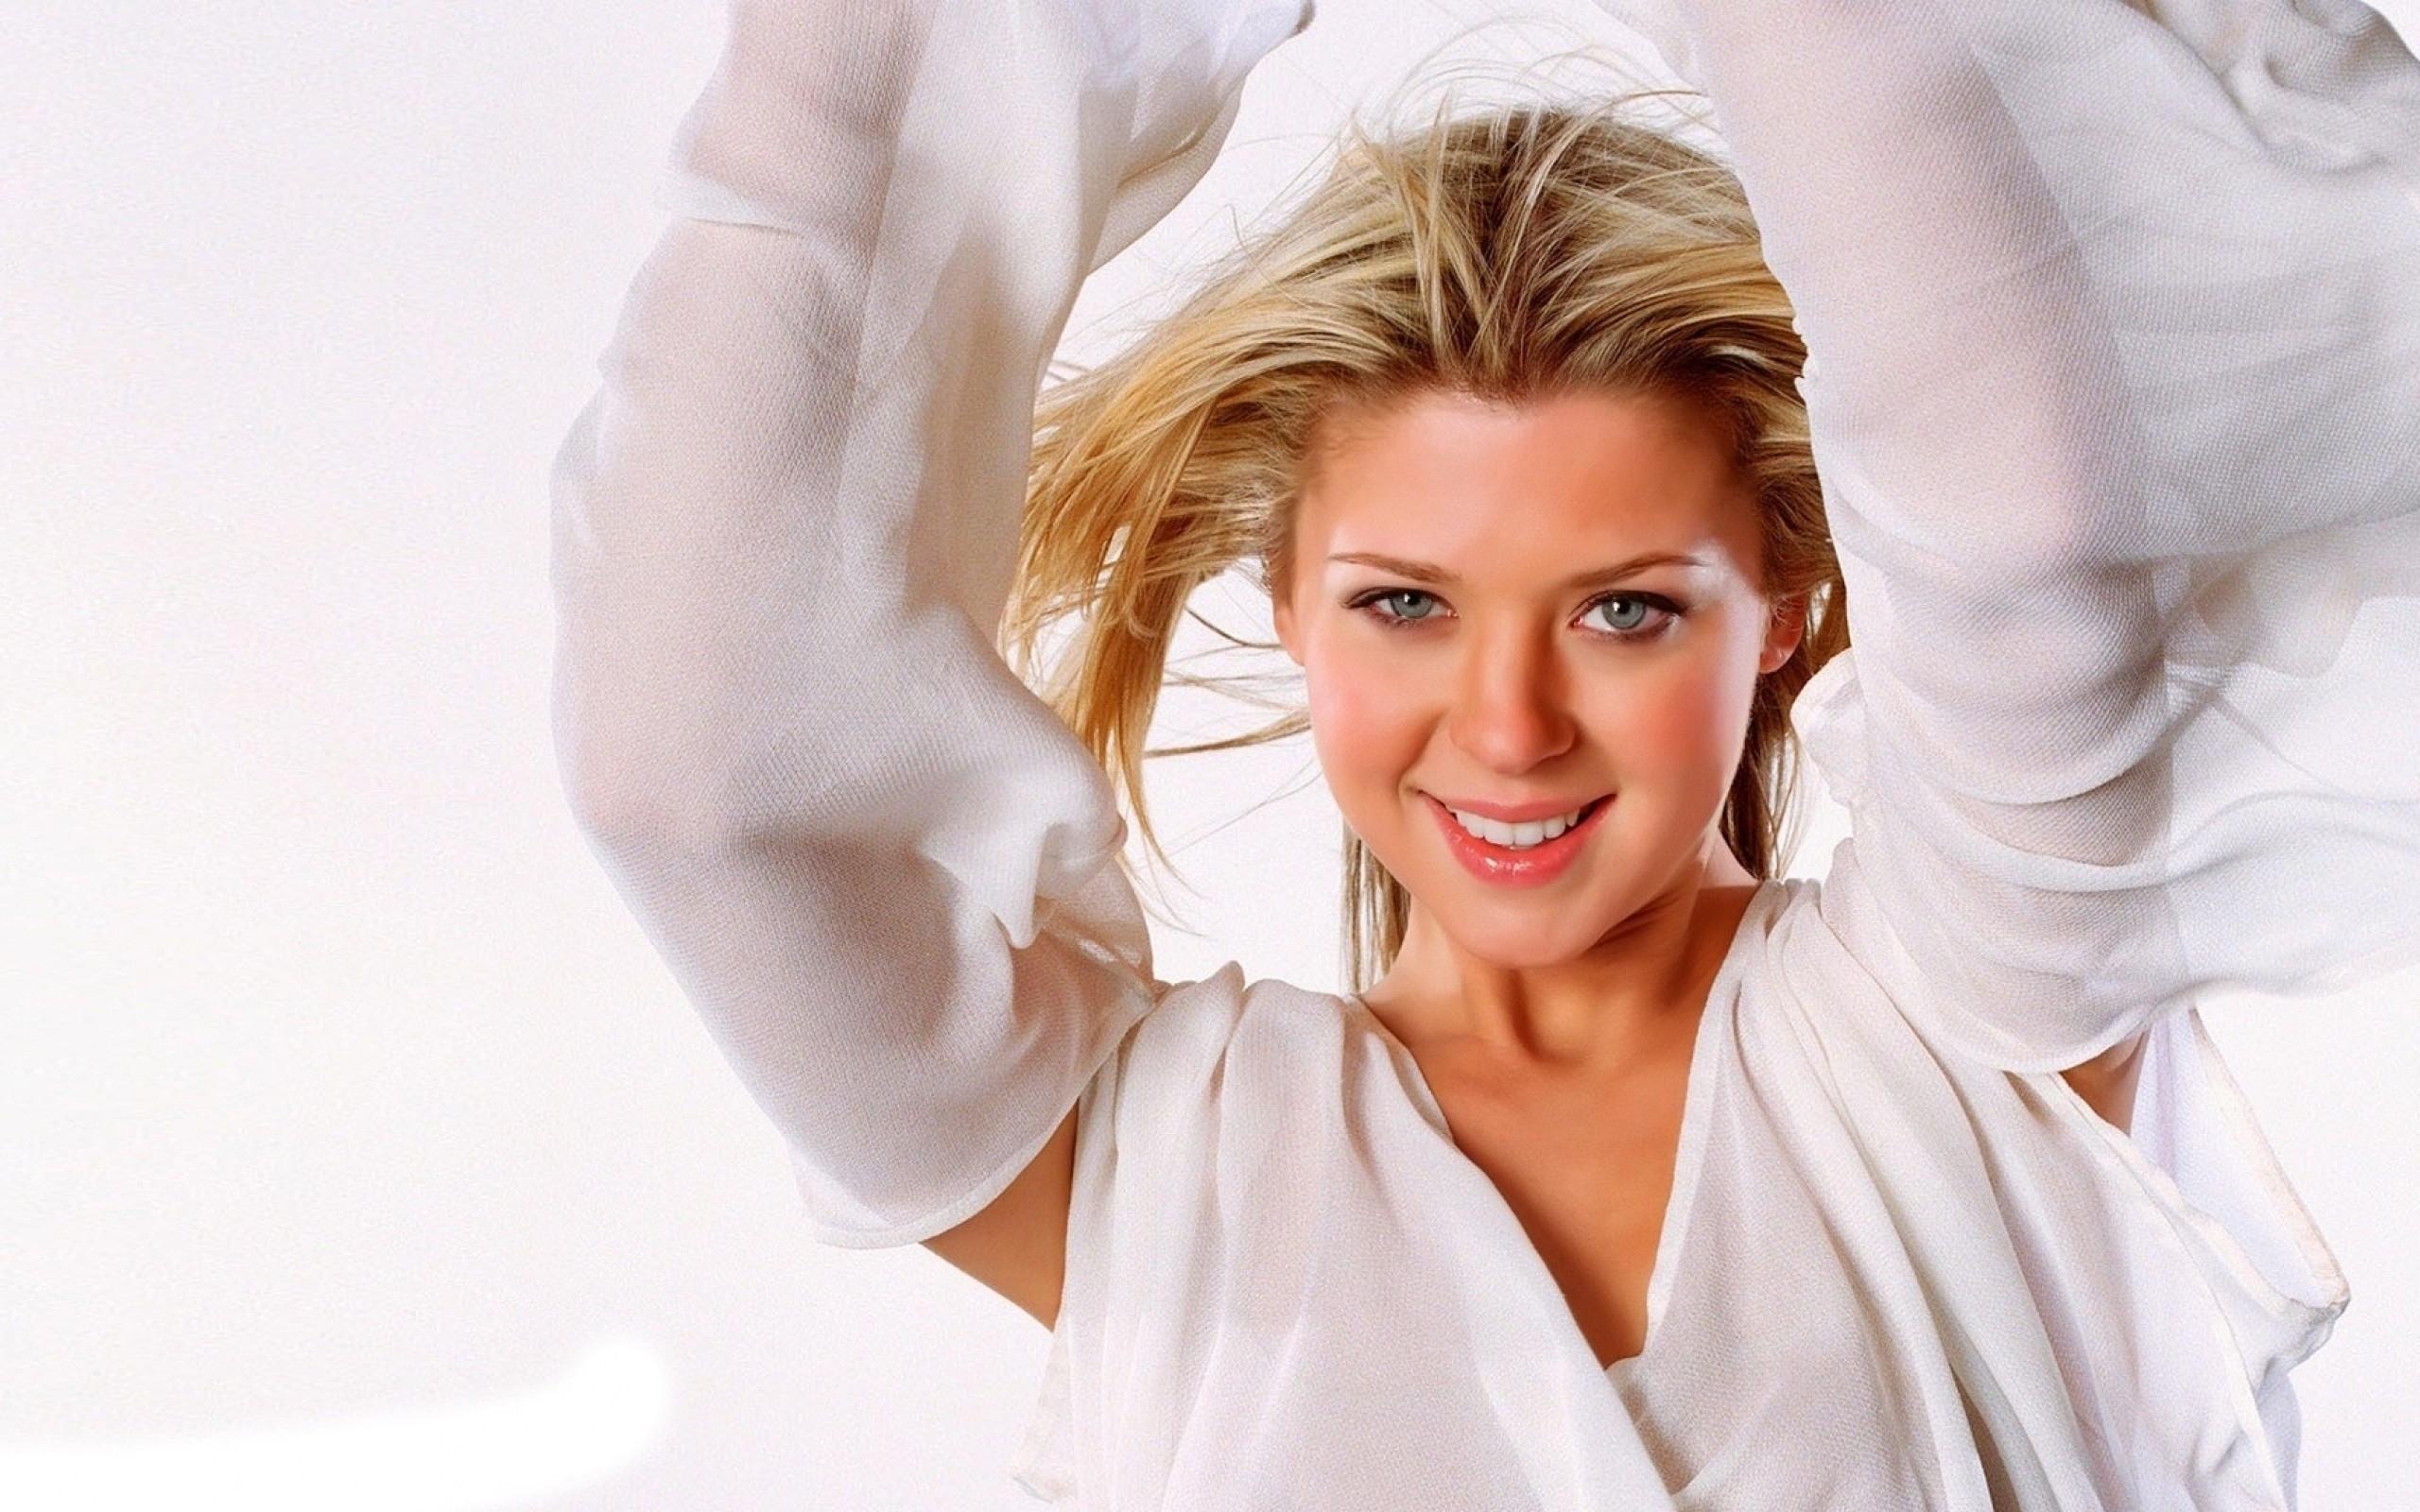 Фото телок знаменитостей, Голые знаменитости - российские голые звезды фото 15 фотография